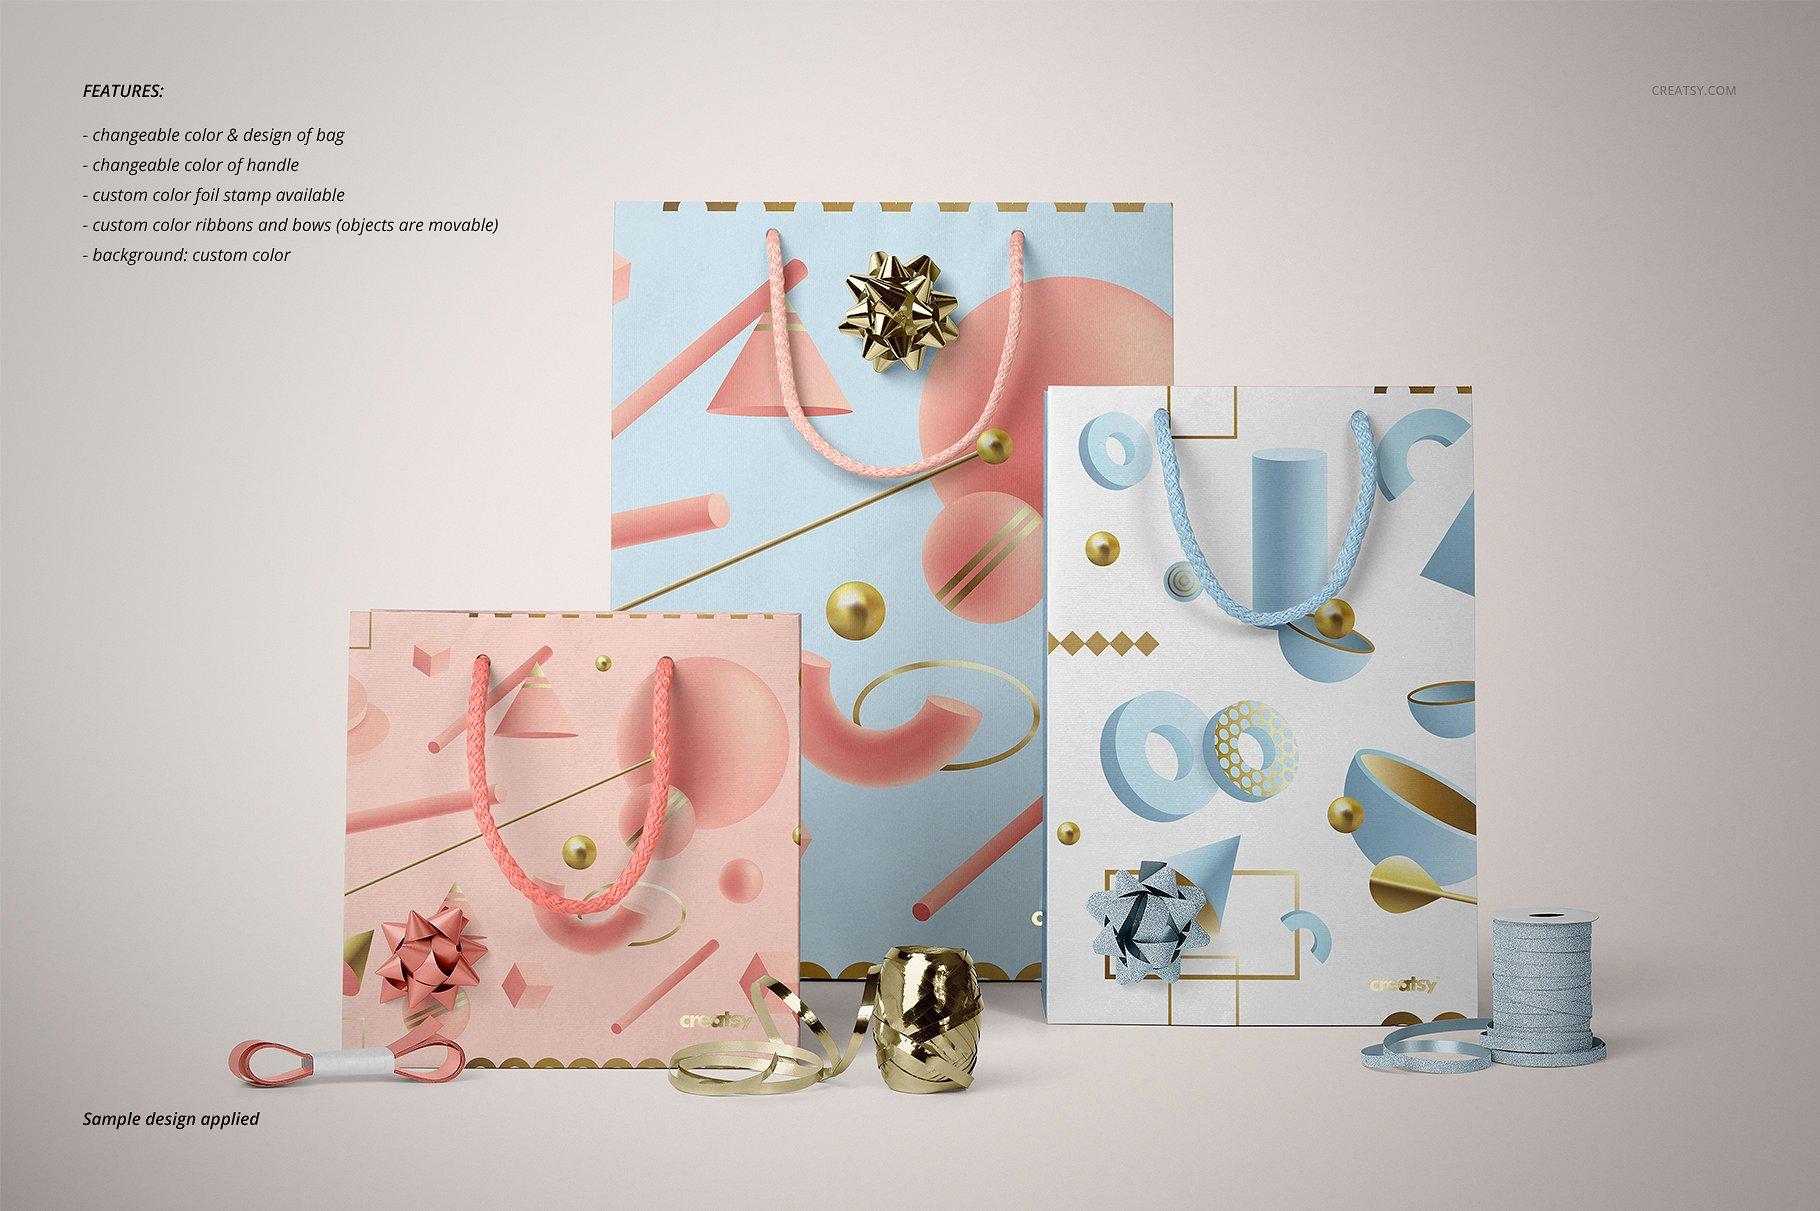 手提袋样机PSD智能贴图模板 Paper Bags Mockup (gifting edition)插图(19)